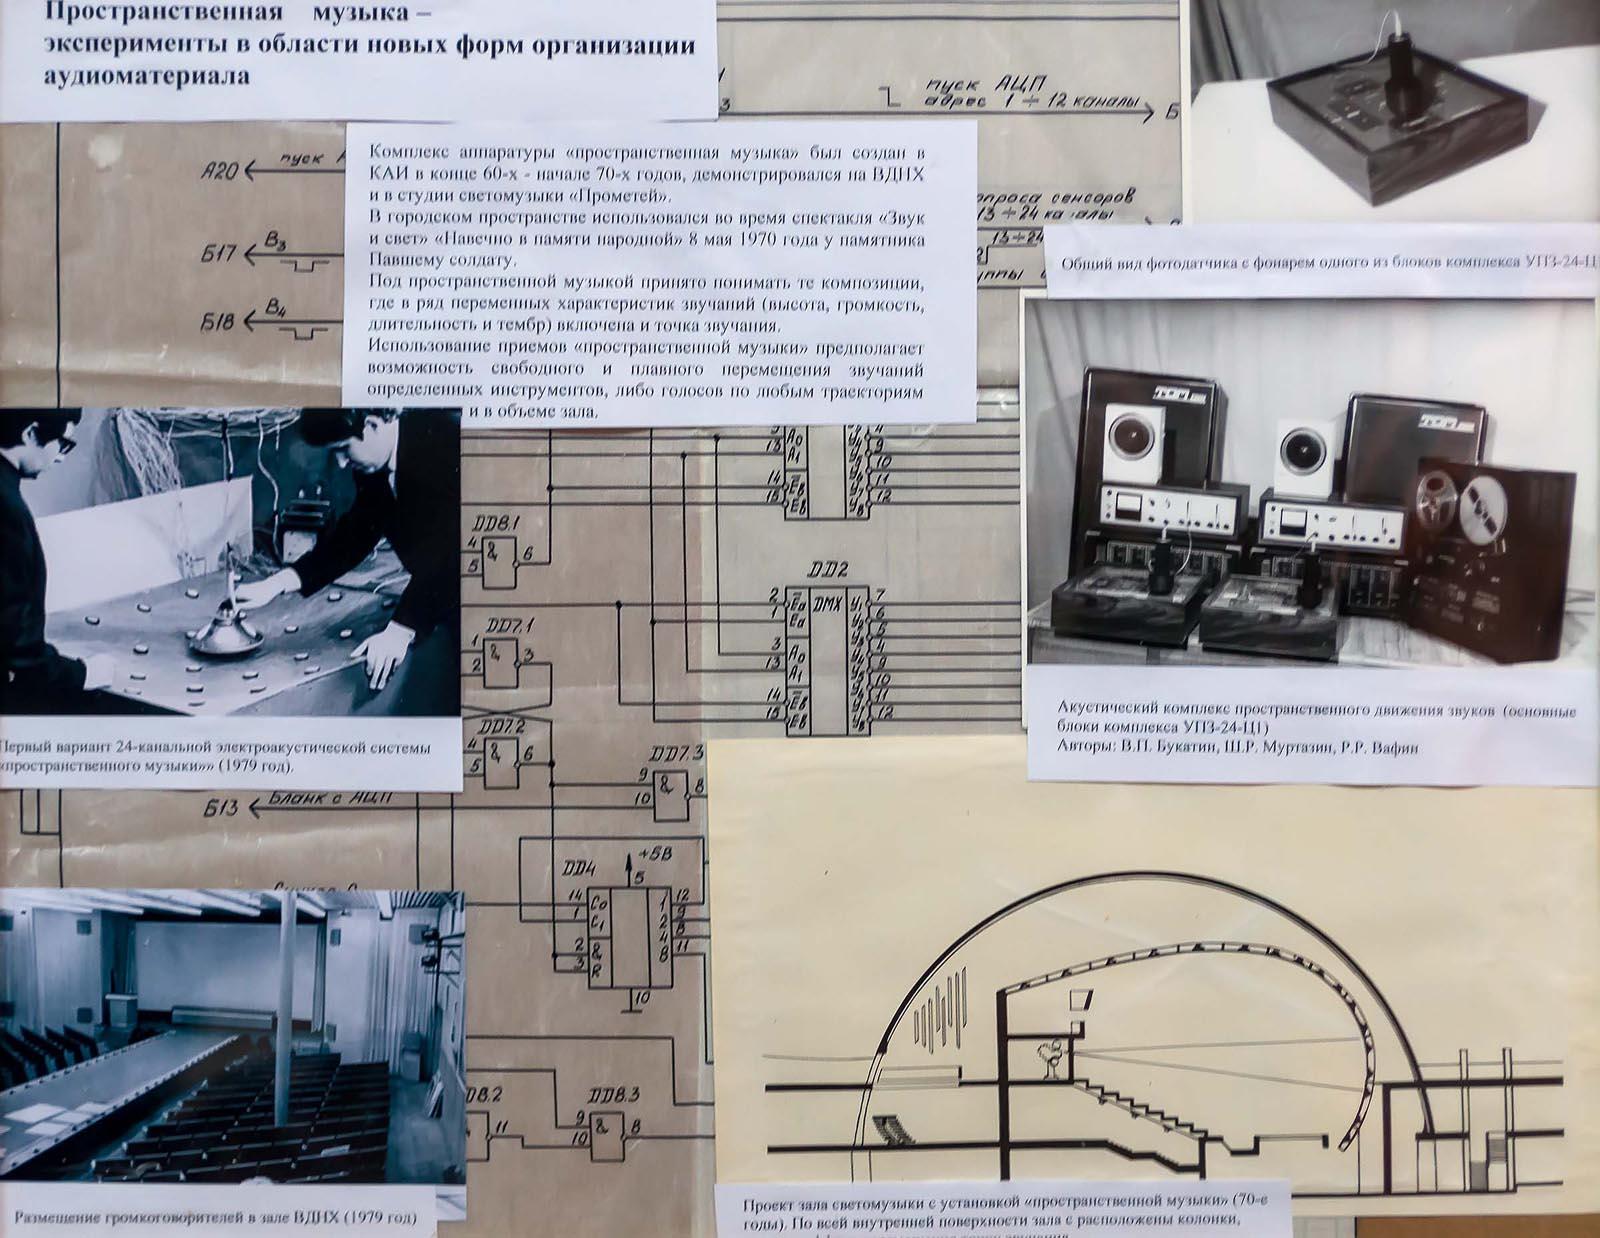 Фото №228309. Пространственная музыка - эксперименты в области новых форм и организации аудиоматериала